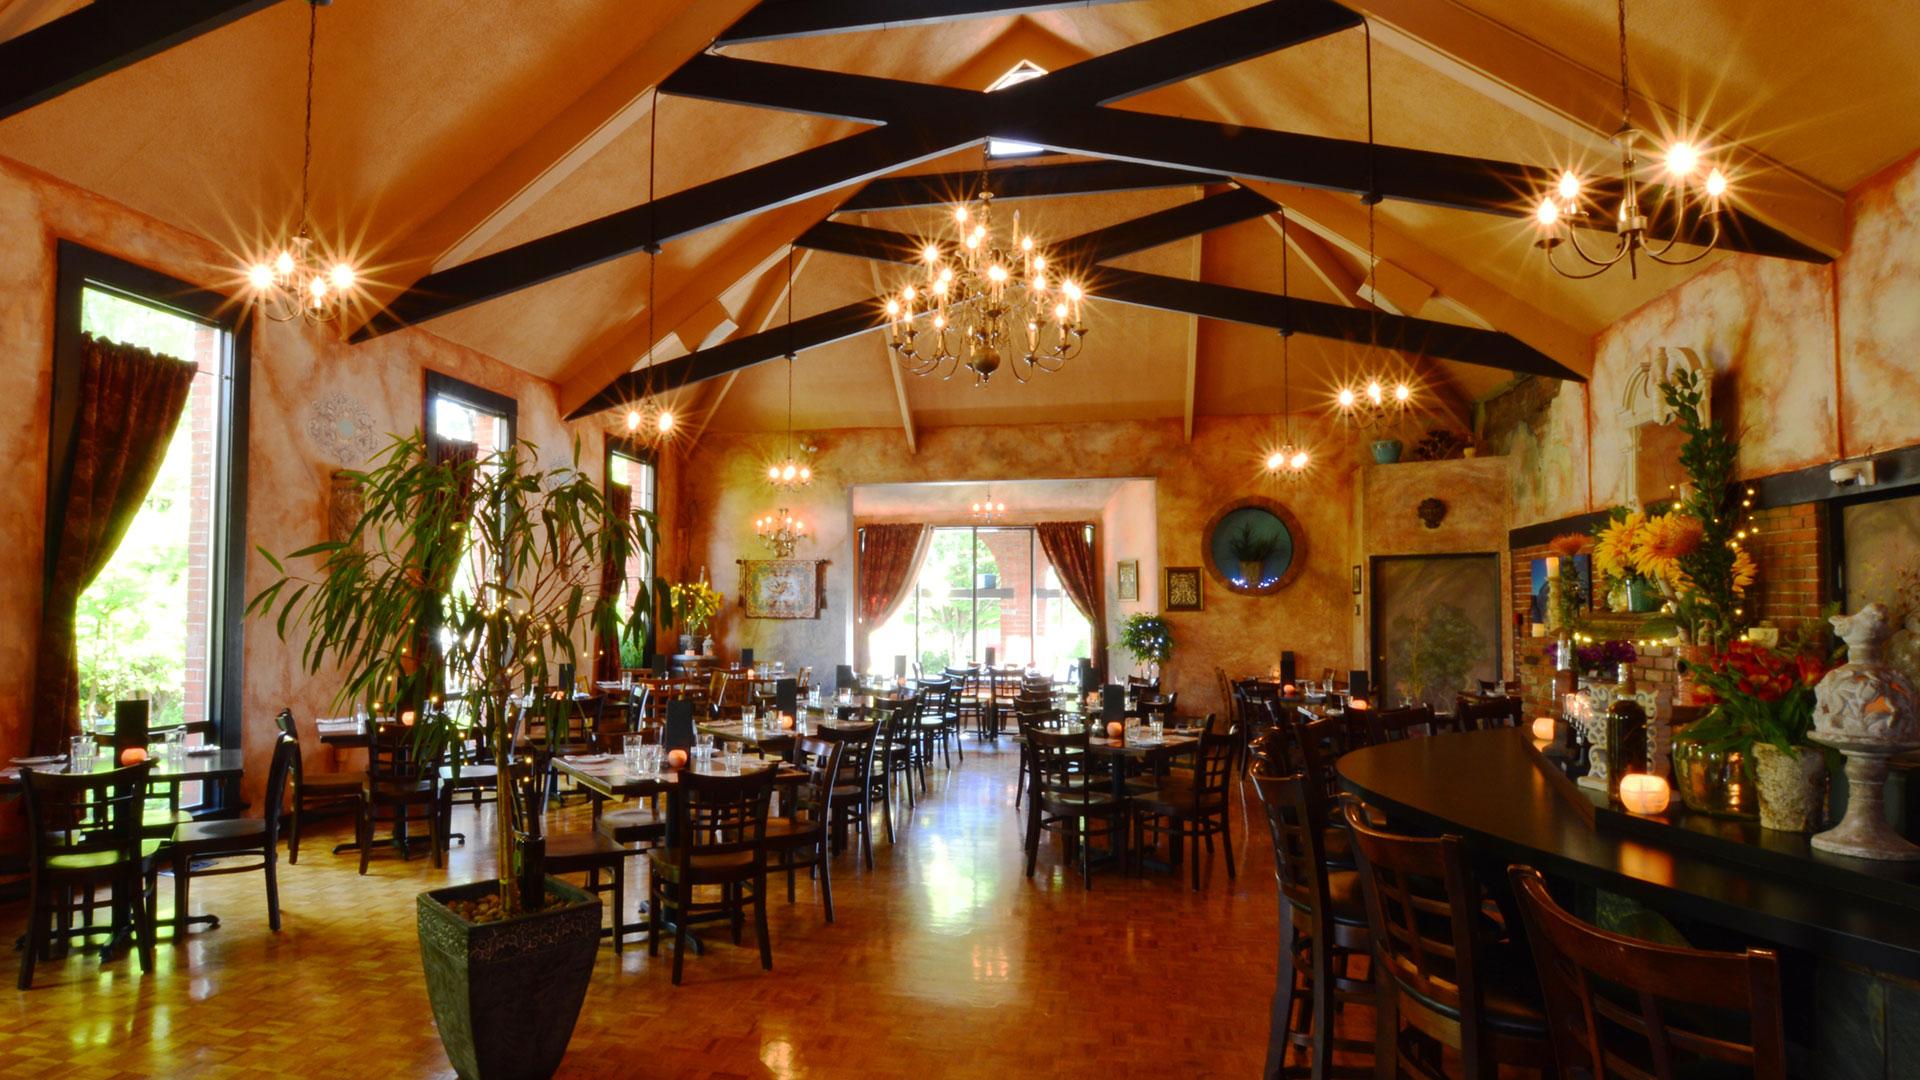 Il Covo Trattoria Authentic Italian Restaurant In Victoria Bc 250 380 0088